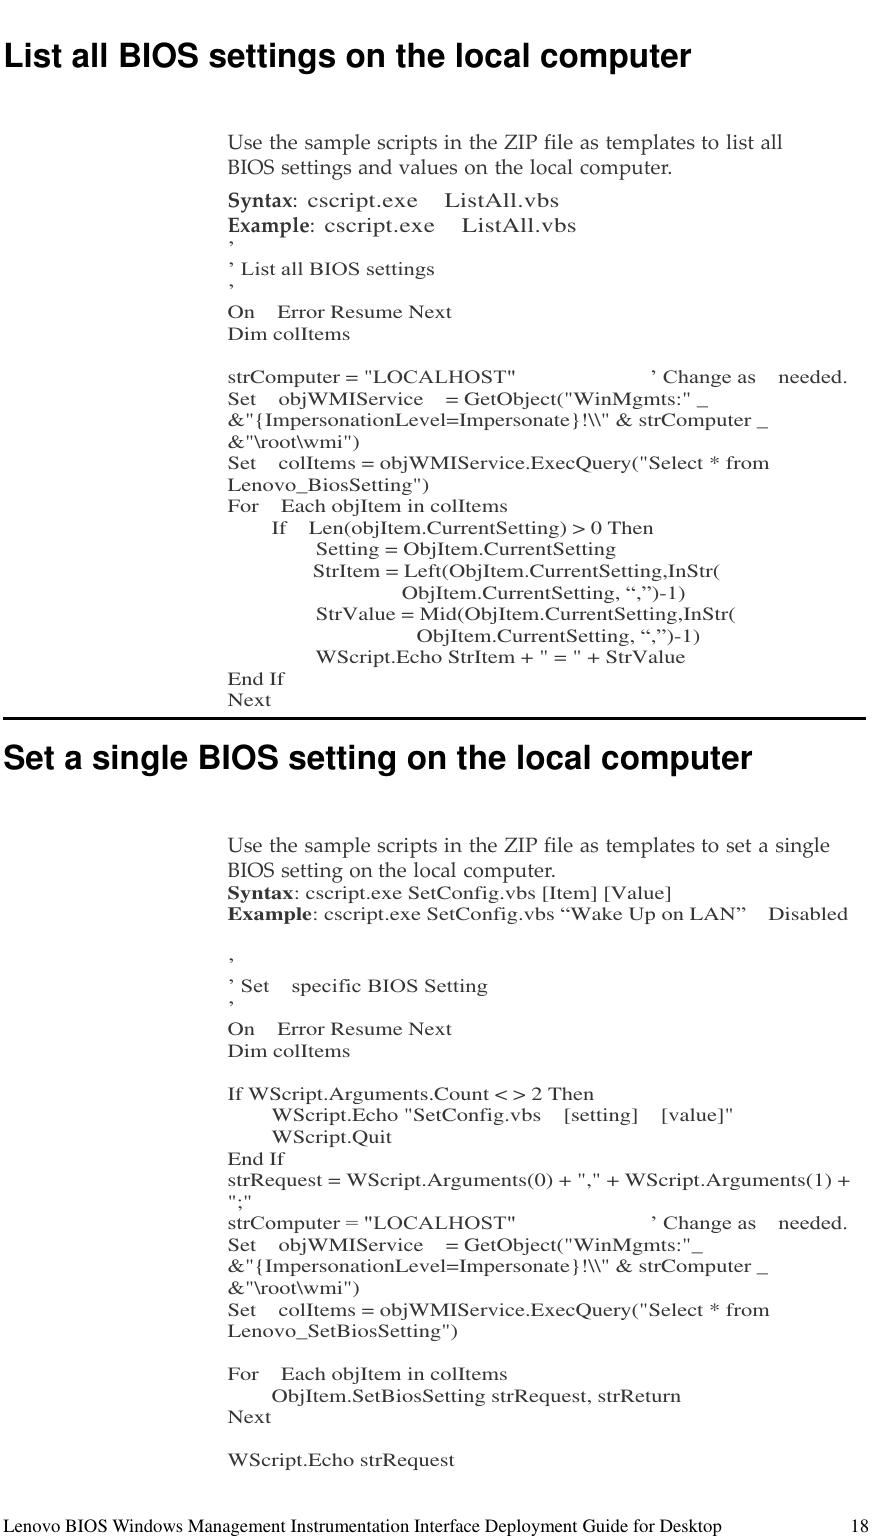 Lenovo Wmi Dtdeploymentguide M91 User Manual BIOS Windows Management